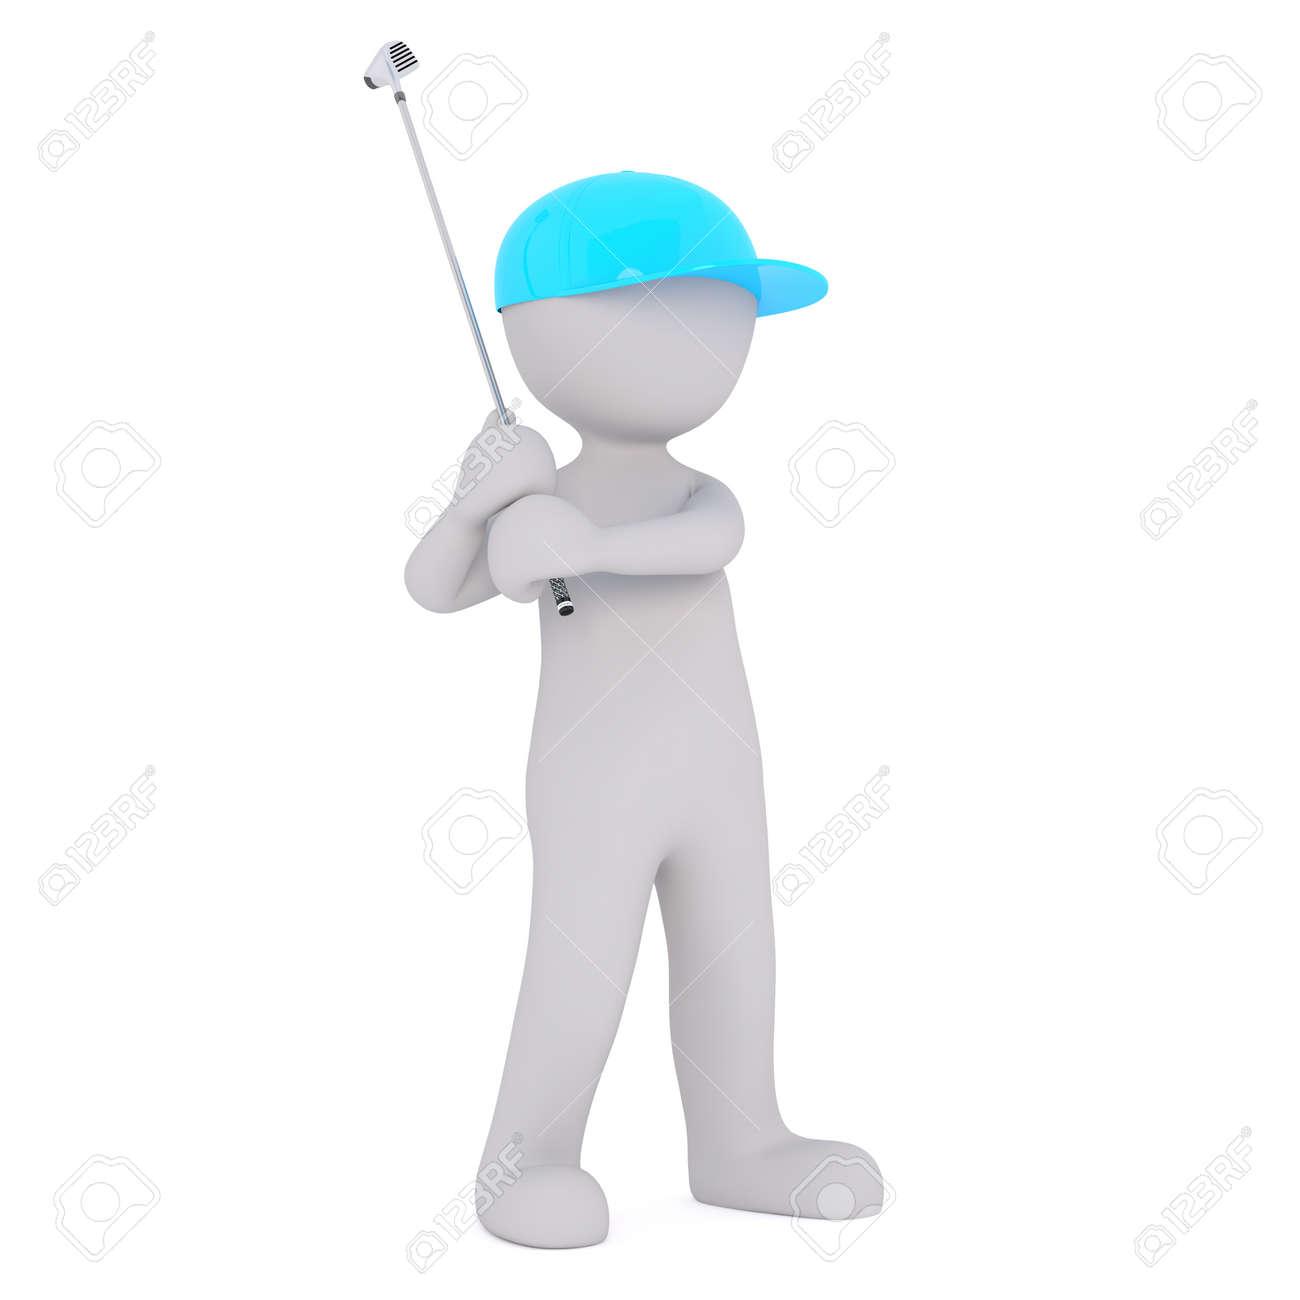 9808bbfc515a Cute little 3d rindió el hombre de dibujos animados con una gorra de  béisbol azul jugando una ronda de golf levantando el club para tomar el tiro